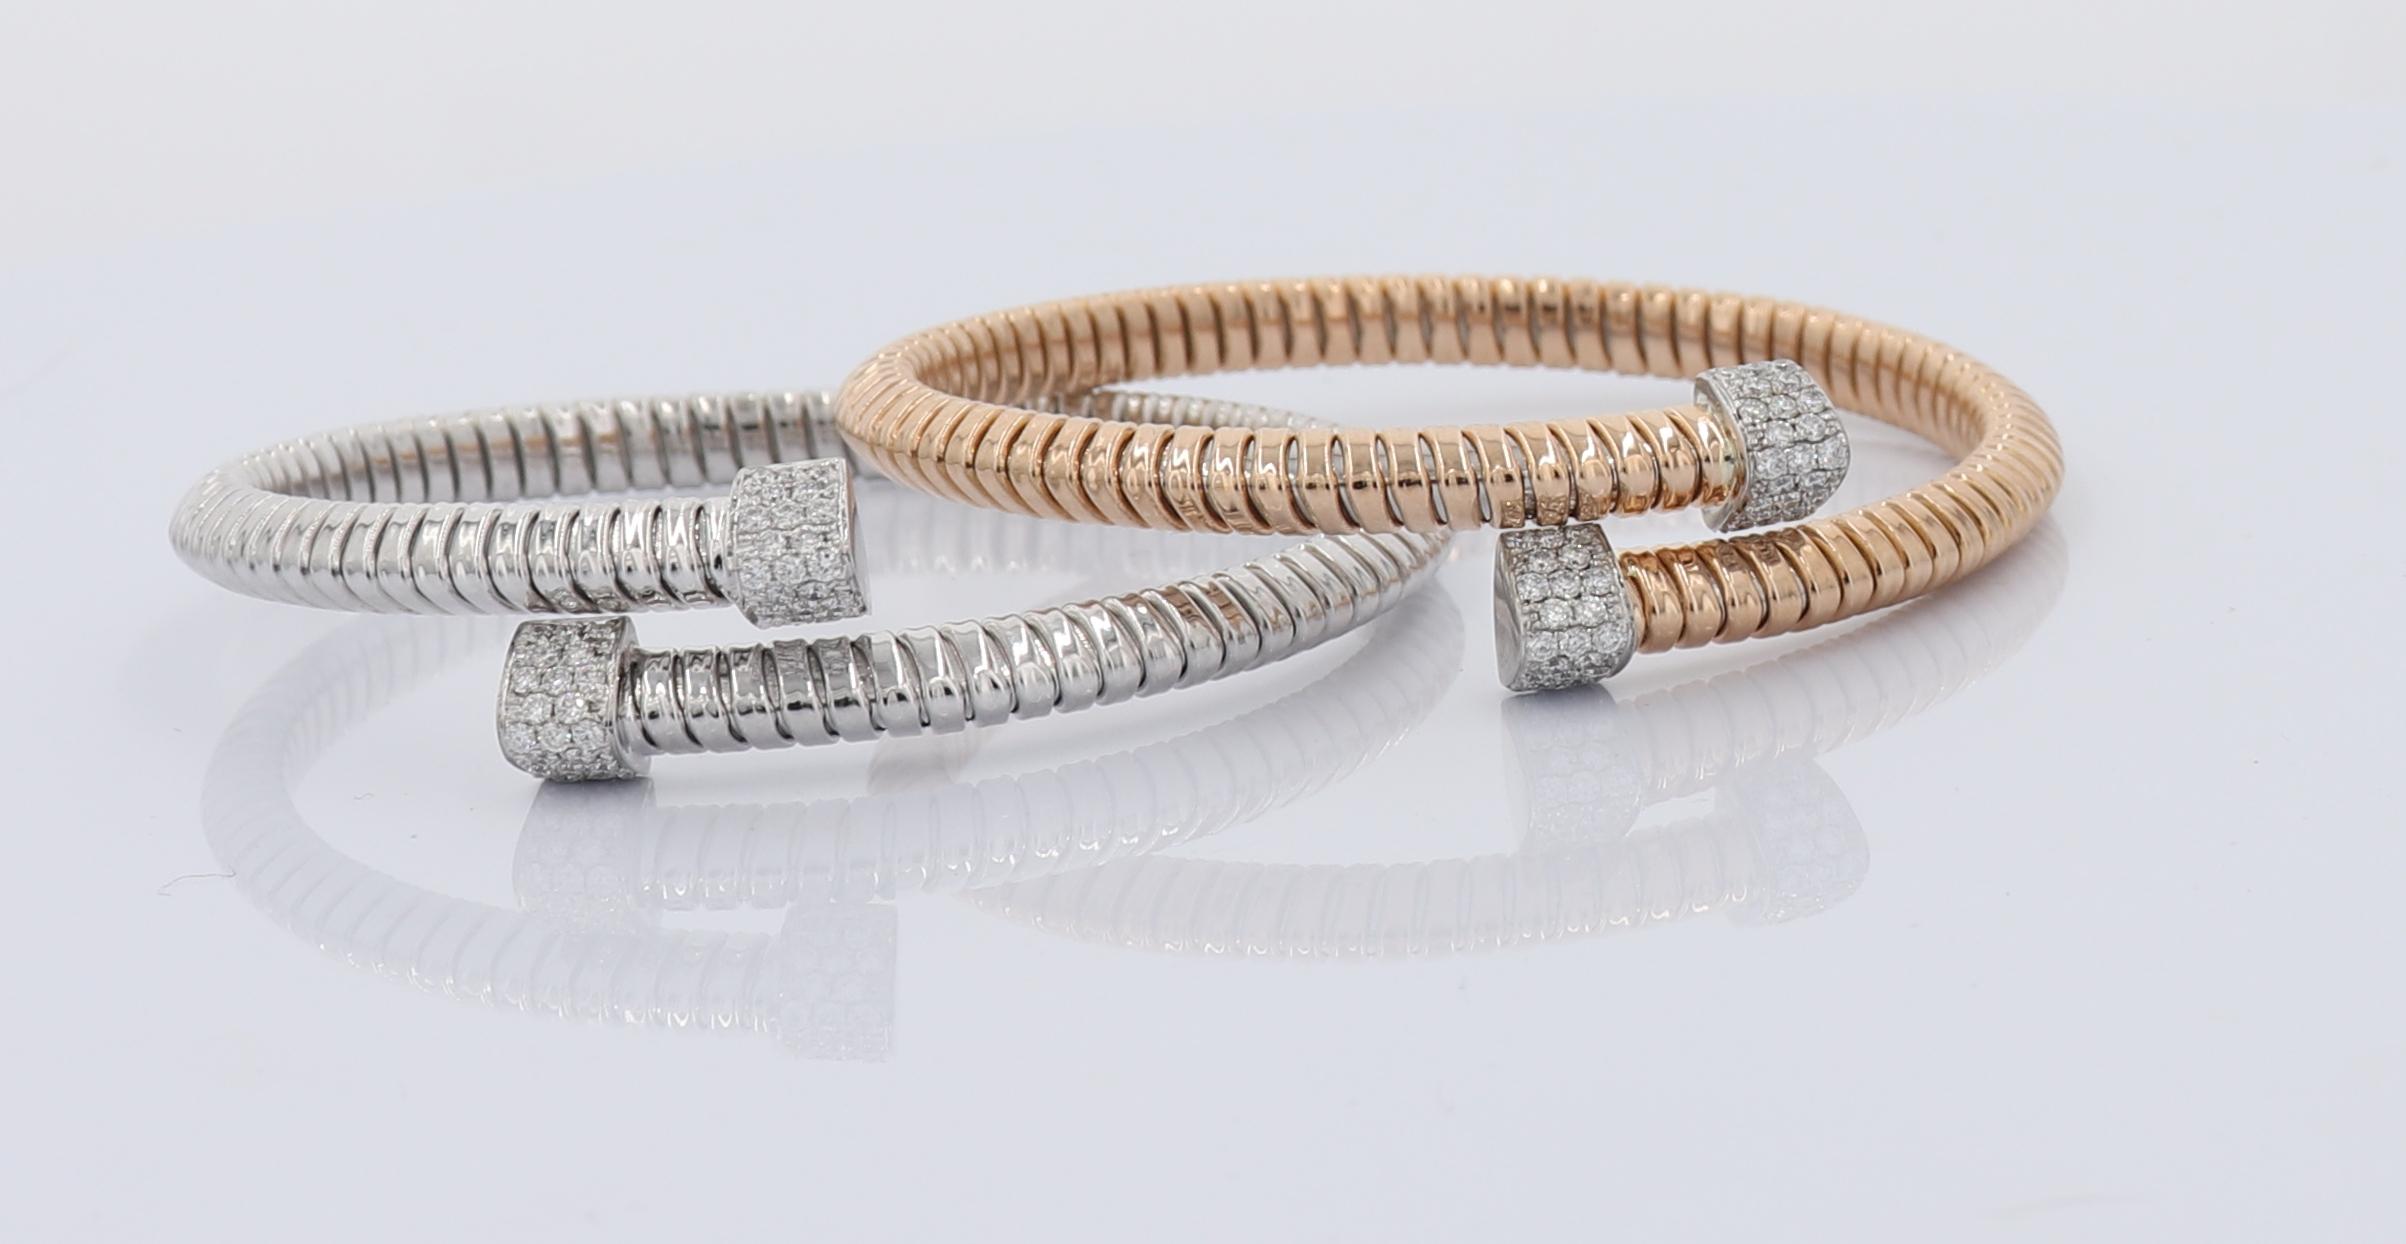 1/2 CT Diamond And 18k Gold Bangle